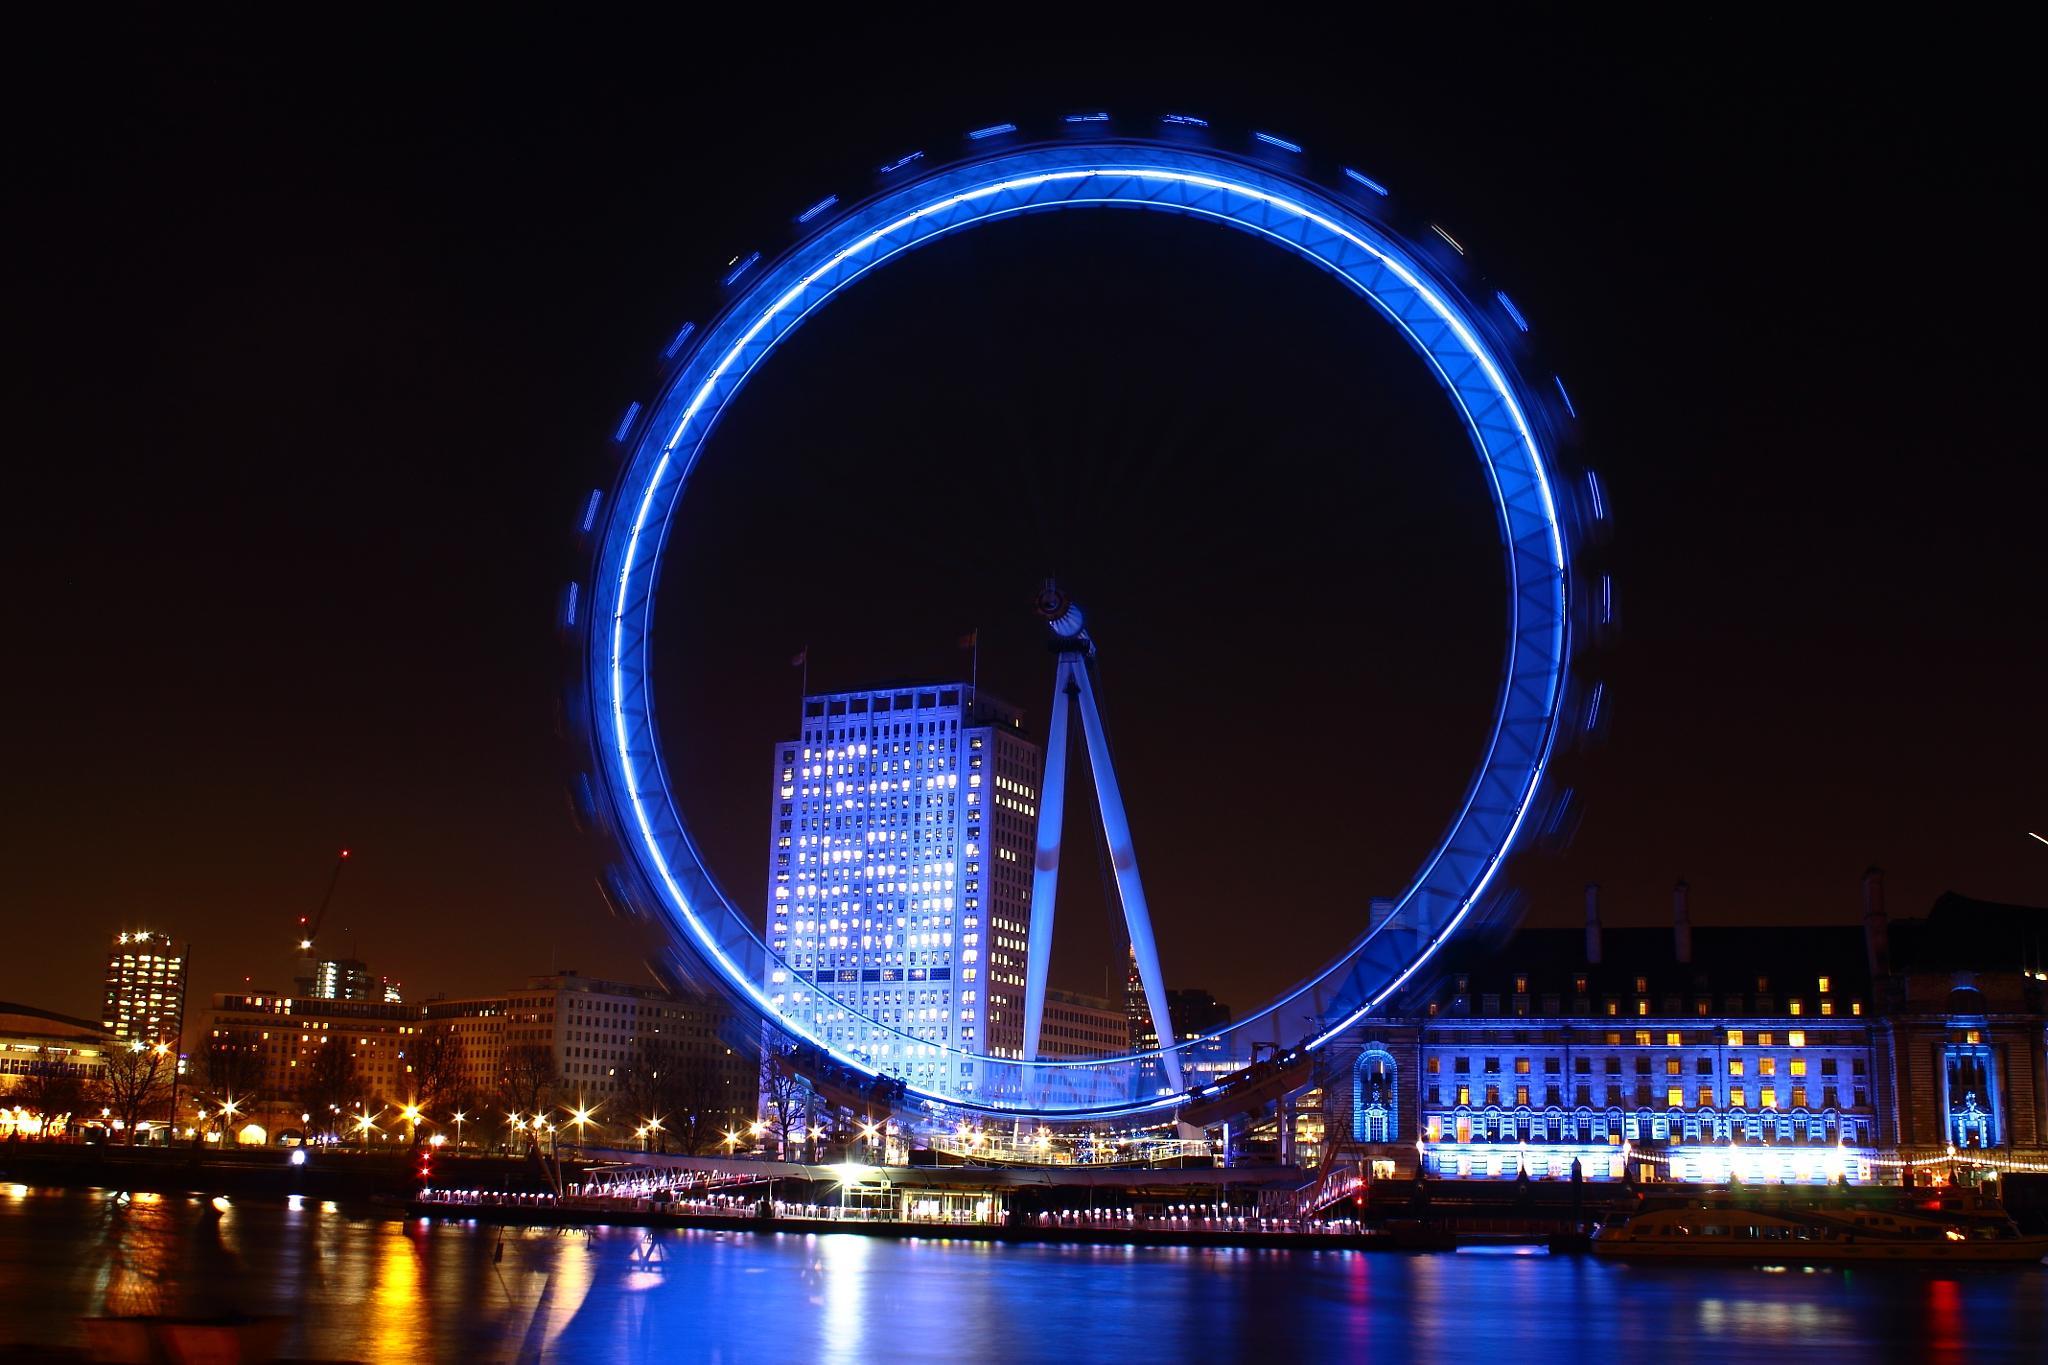 London Eye at Night - I by DerekLee